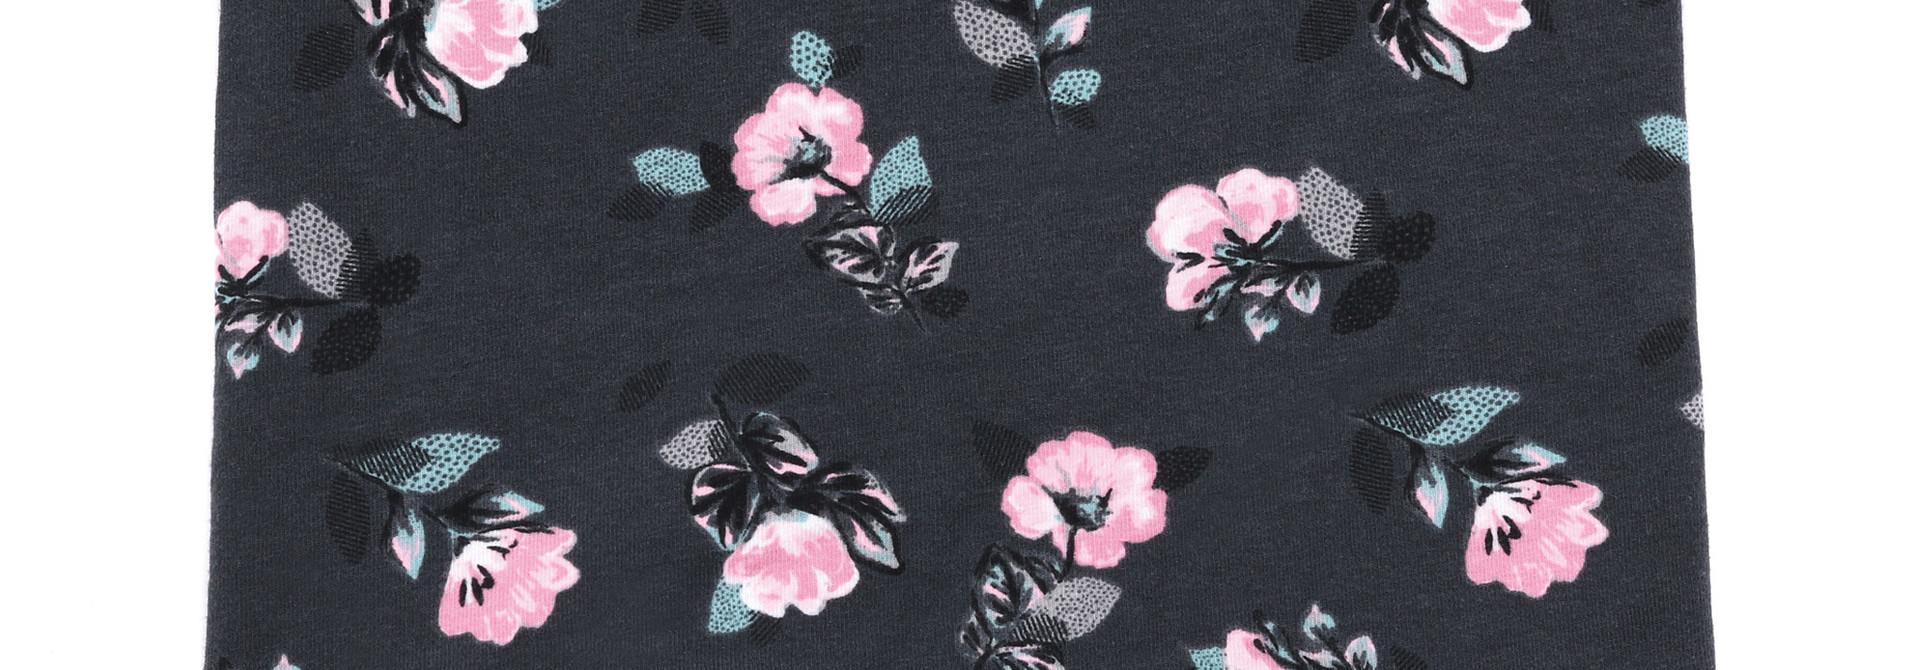 Cache-cou en jersey Charcoal Fleurs